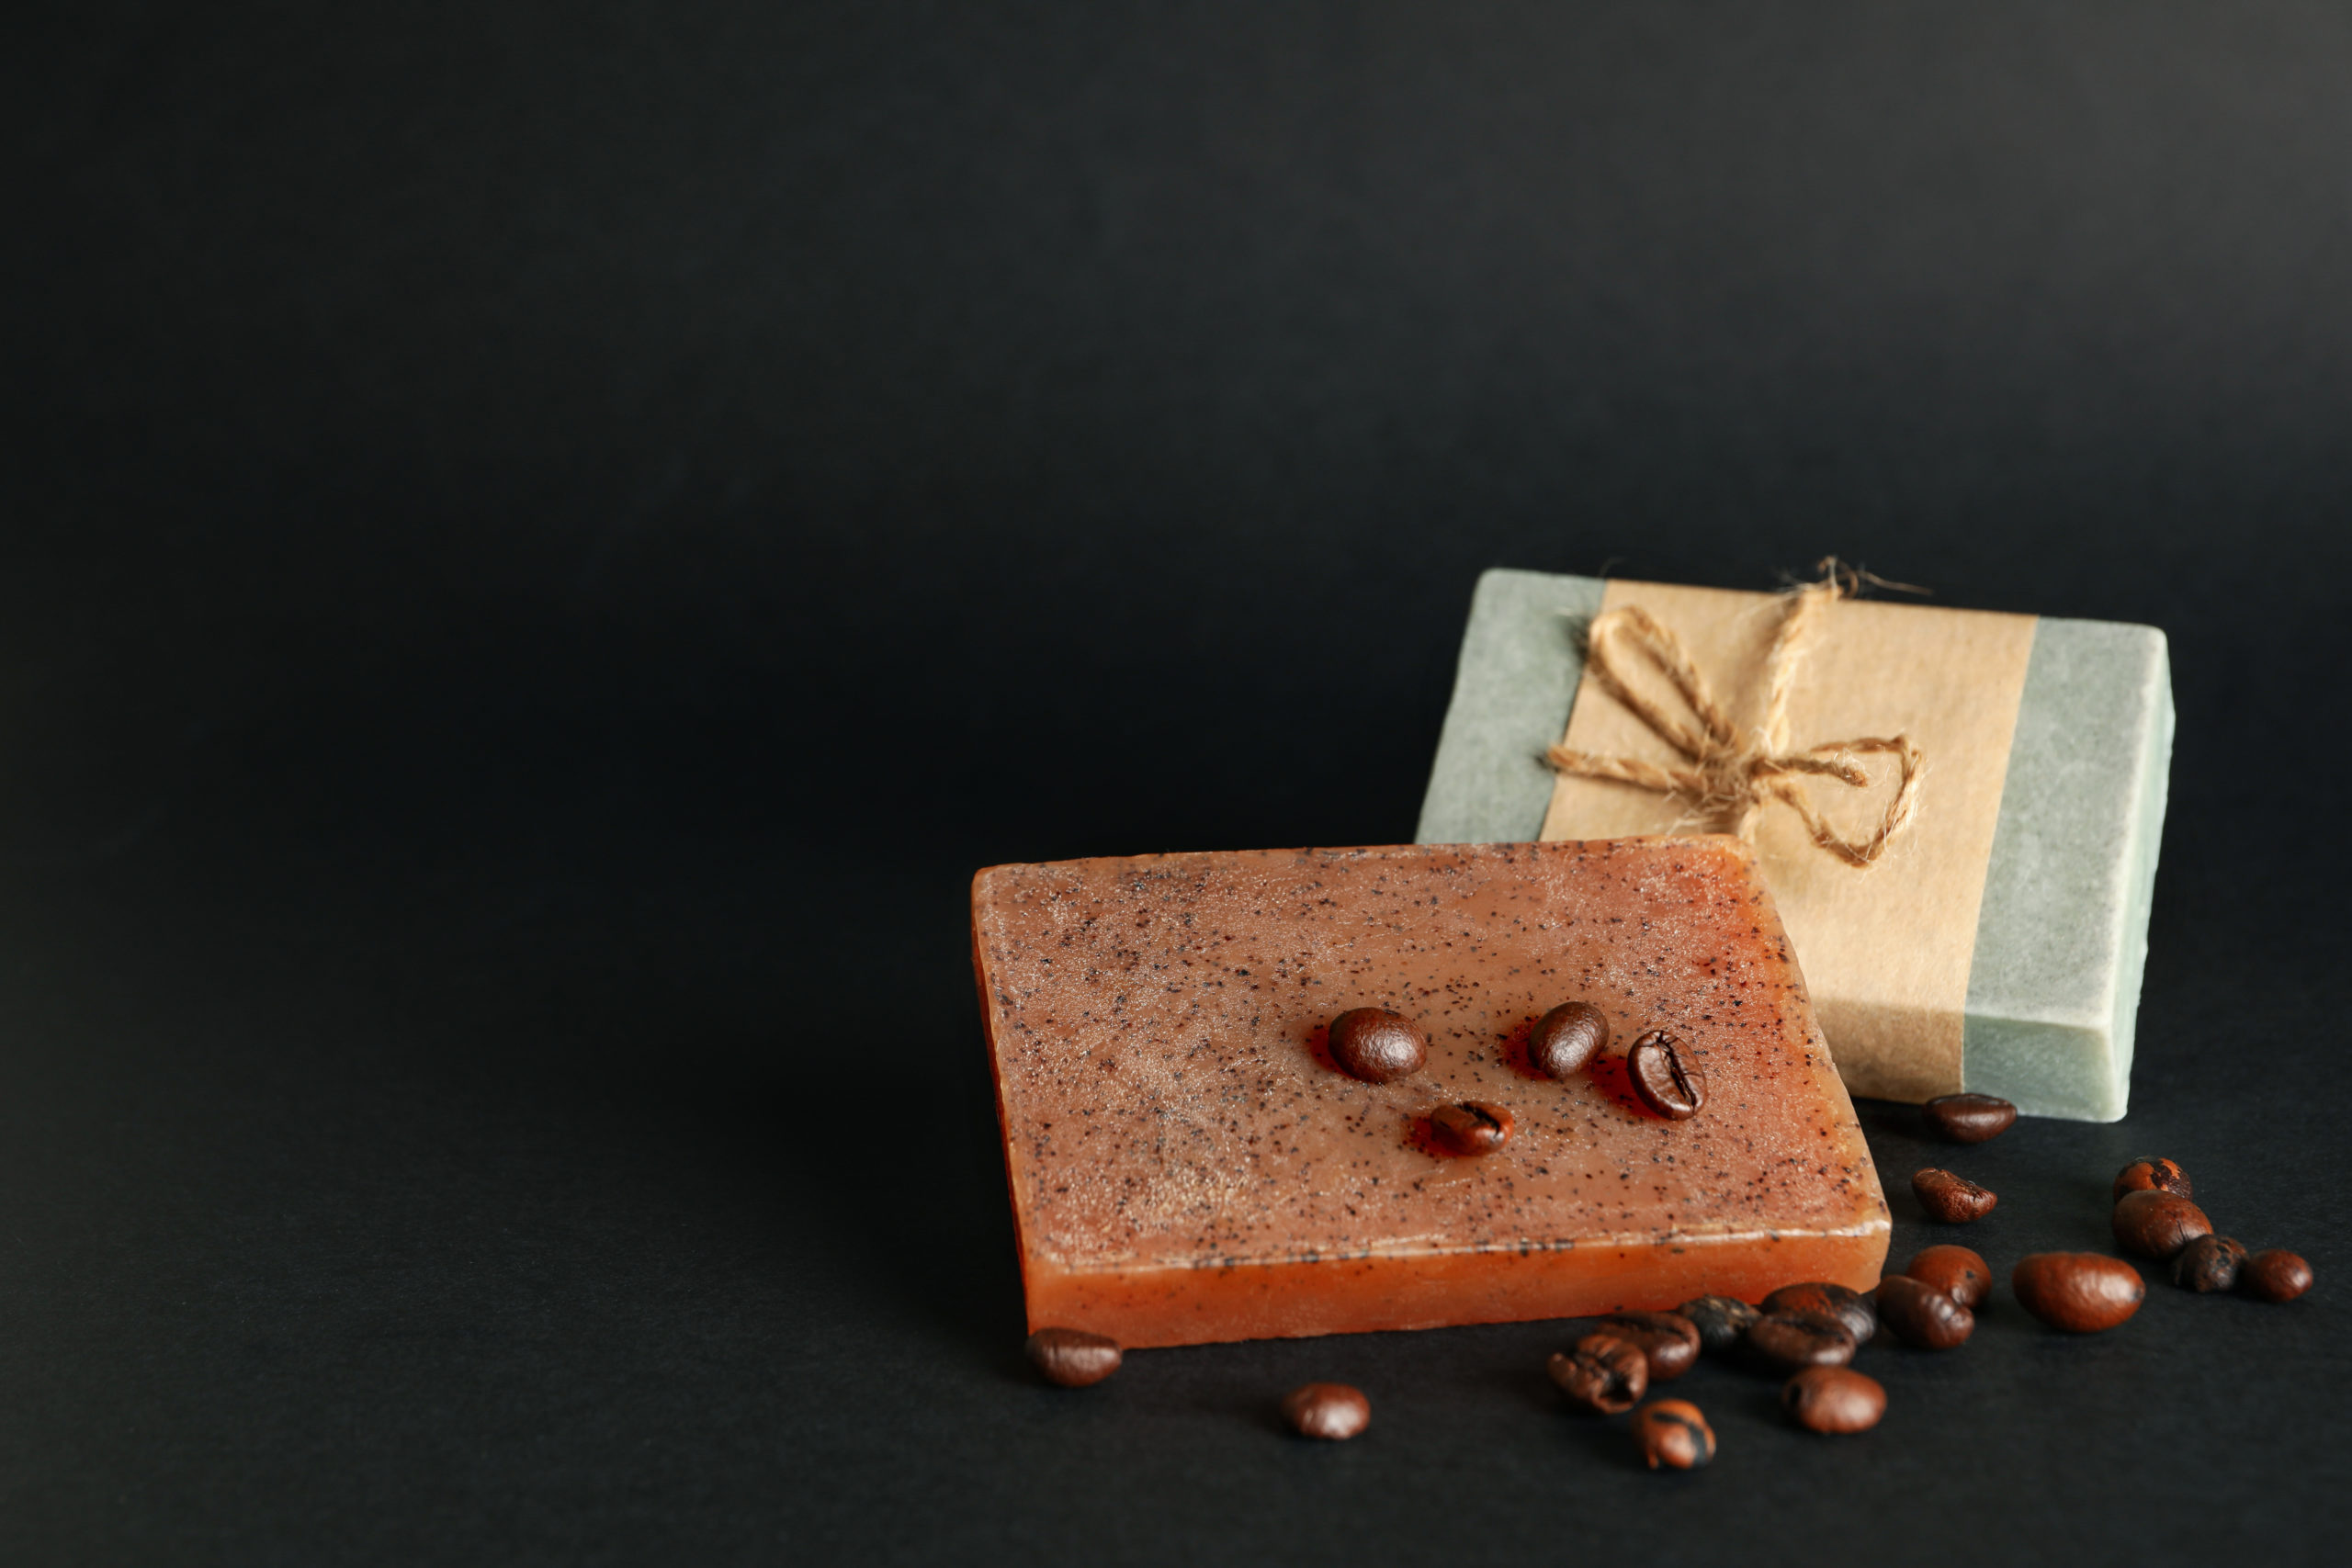 Schwarze afrikanische Seife gilt als verträglich und nachhaltig.